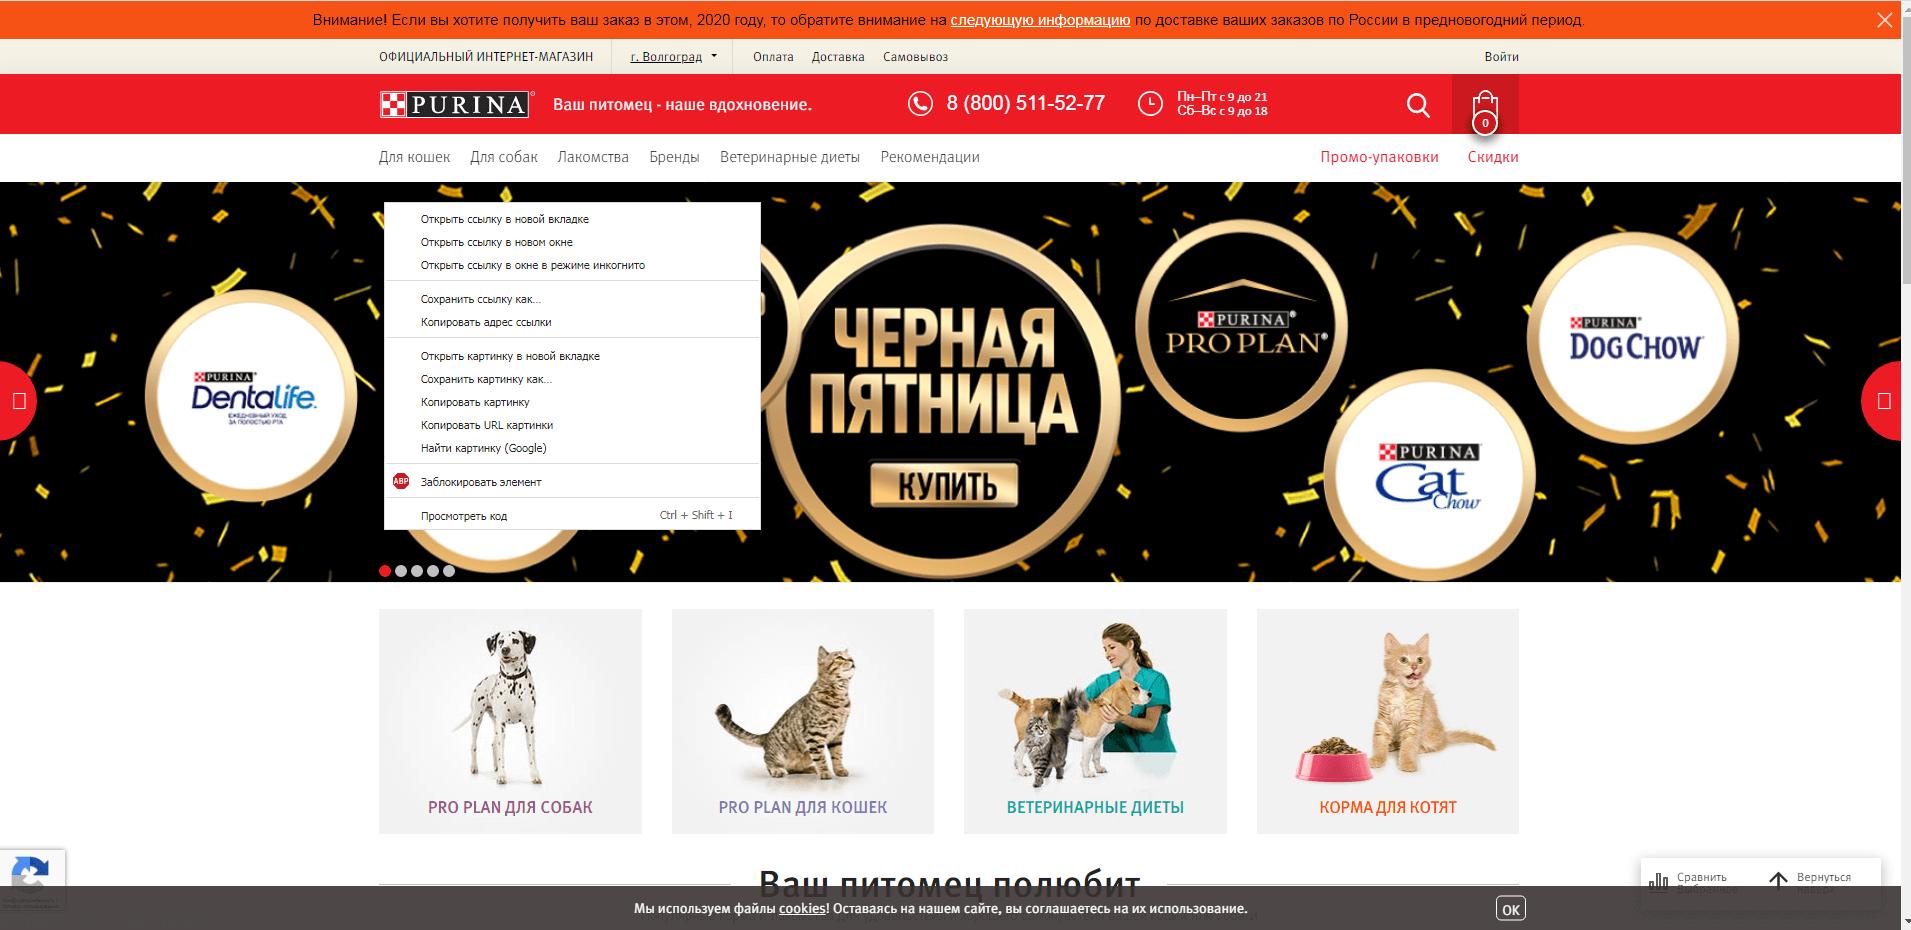 shop.purina.ru website